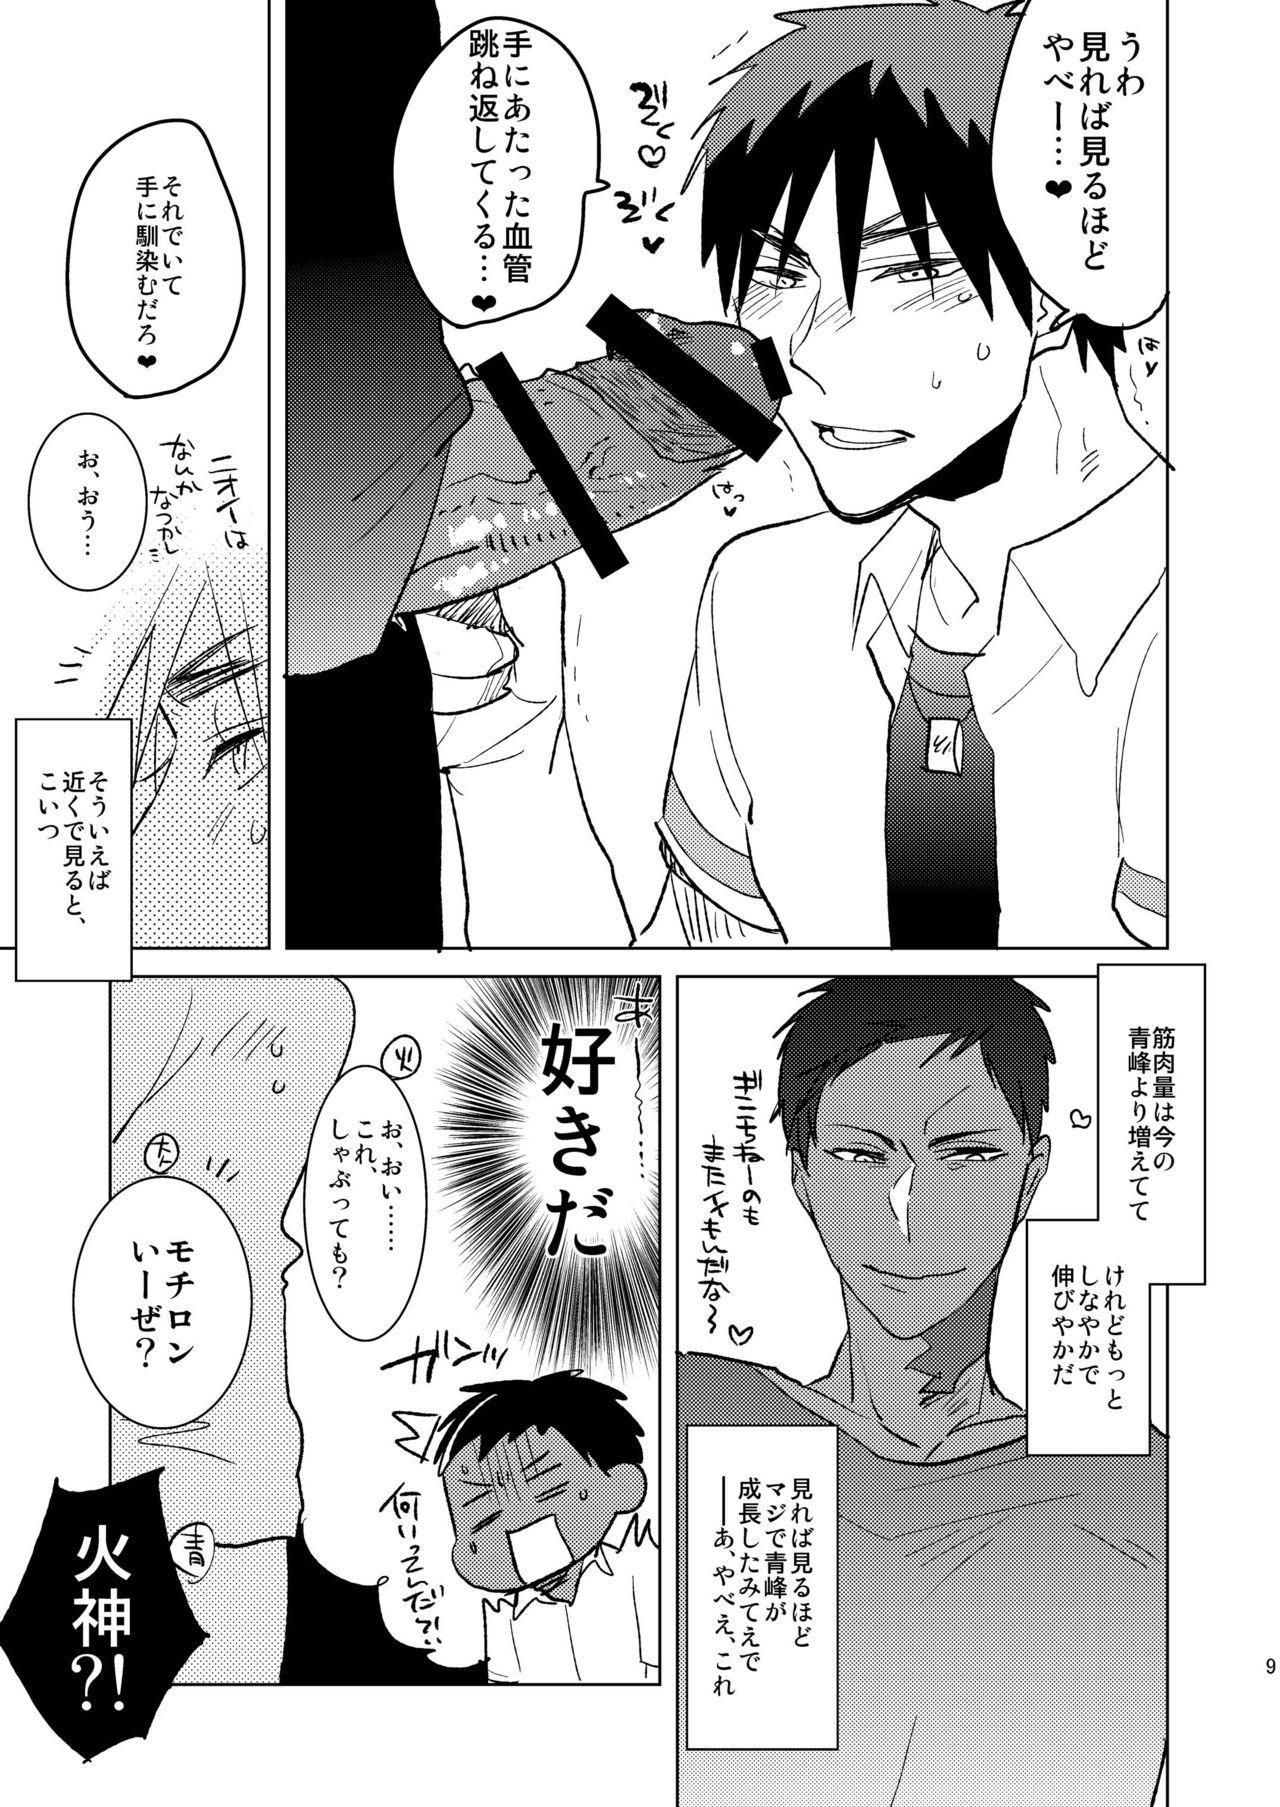 [archea (Sasagawa Nagaru)] Otona no Aomine-kun to (Seiteki ni) Asobou (Kuroko no Basuke) [Digital] 7